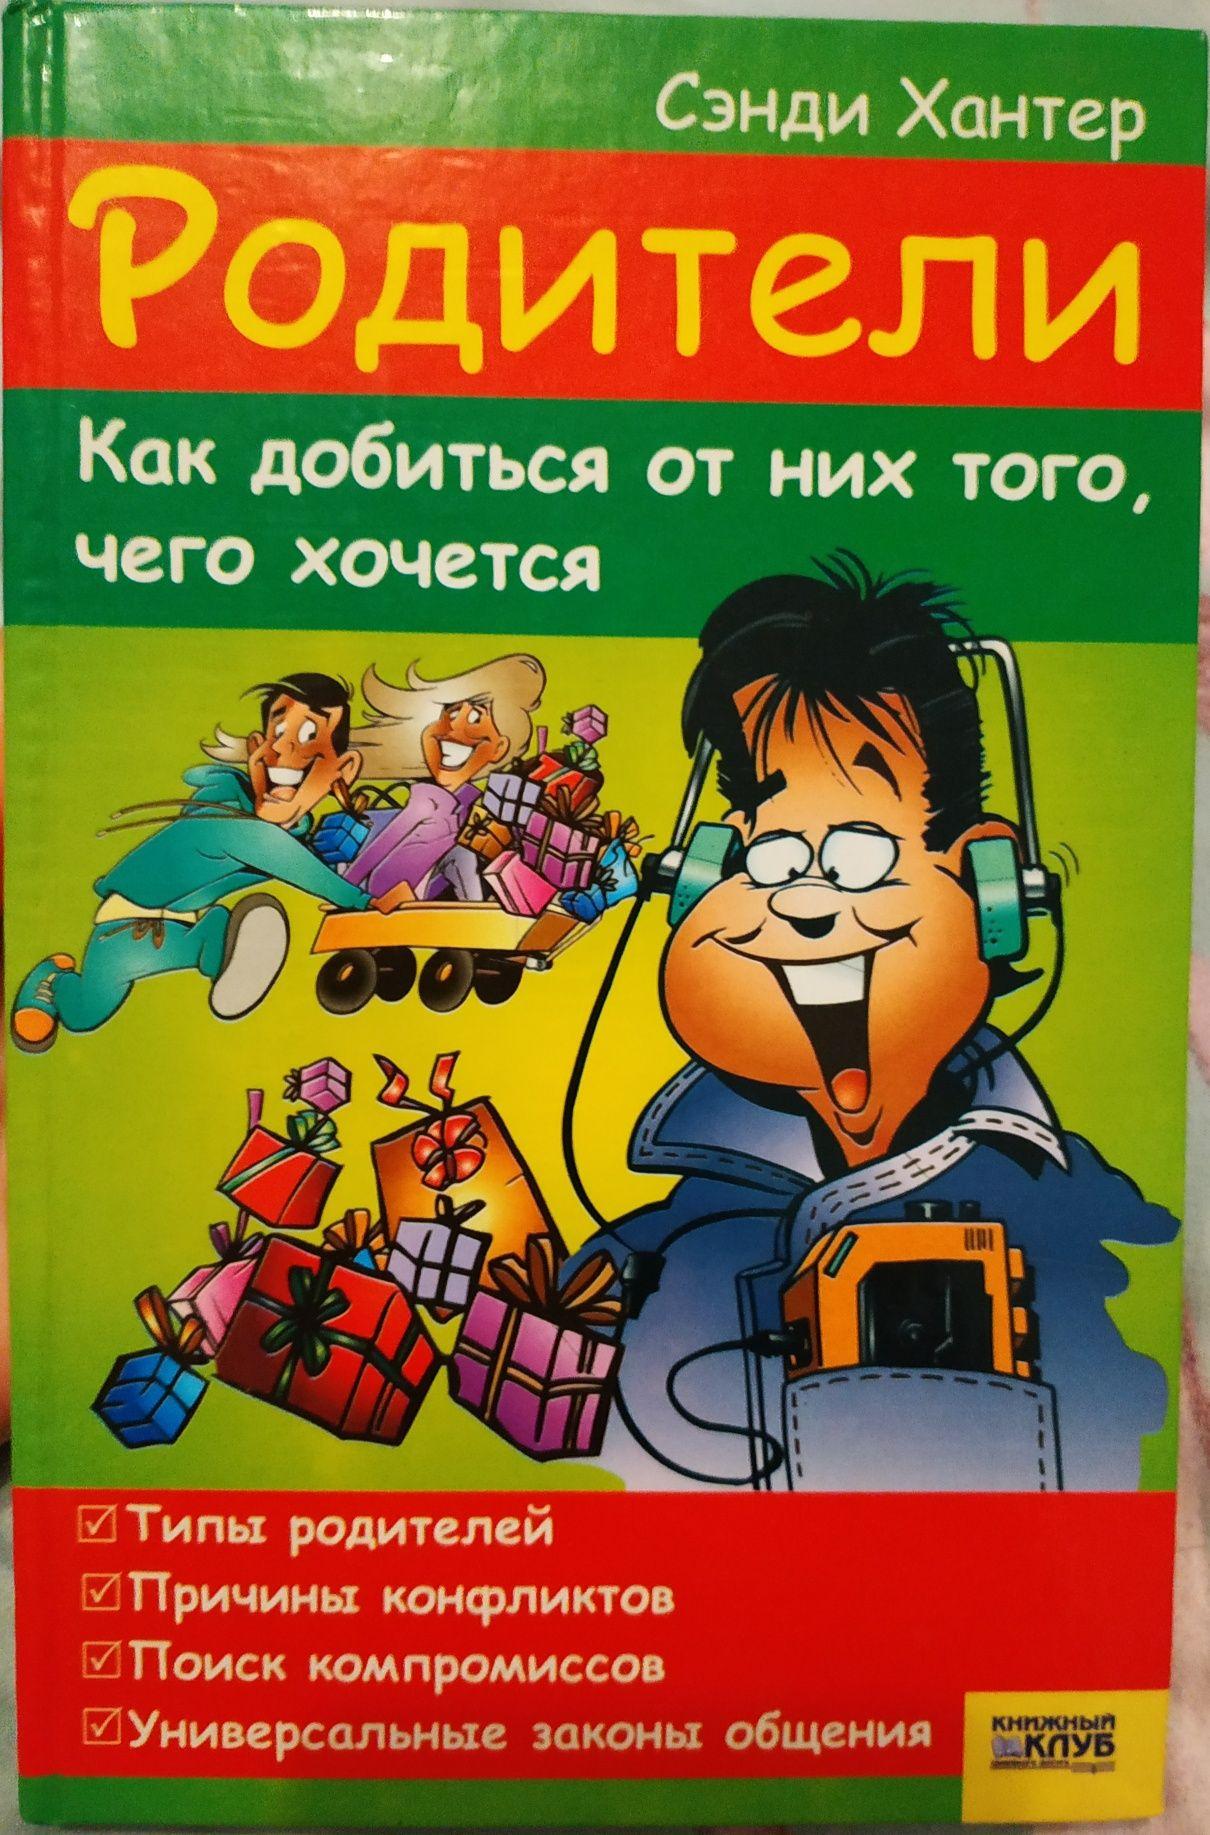 Очень полезная книга для детей